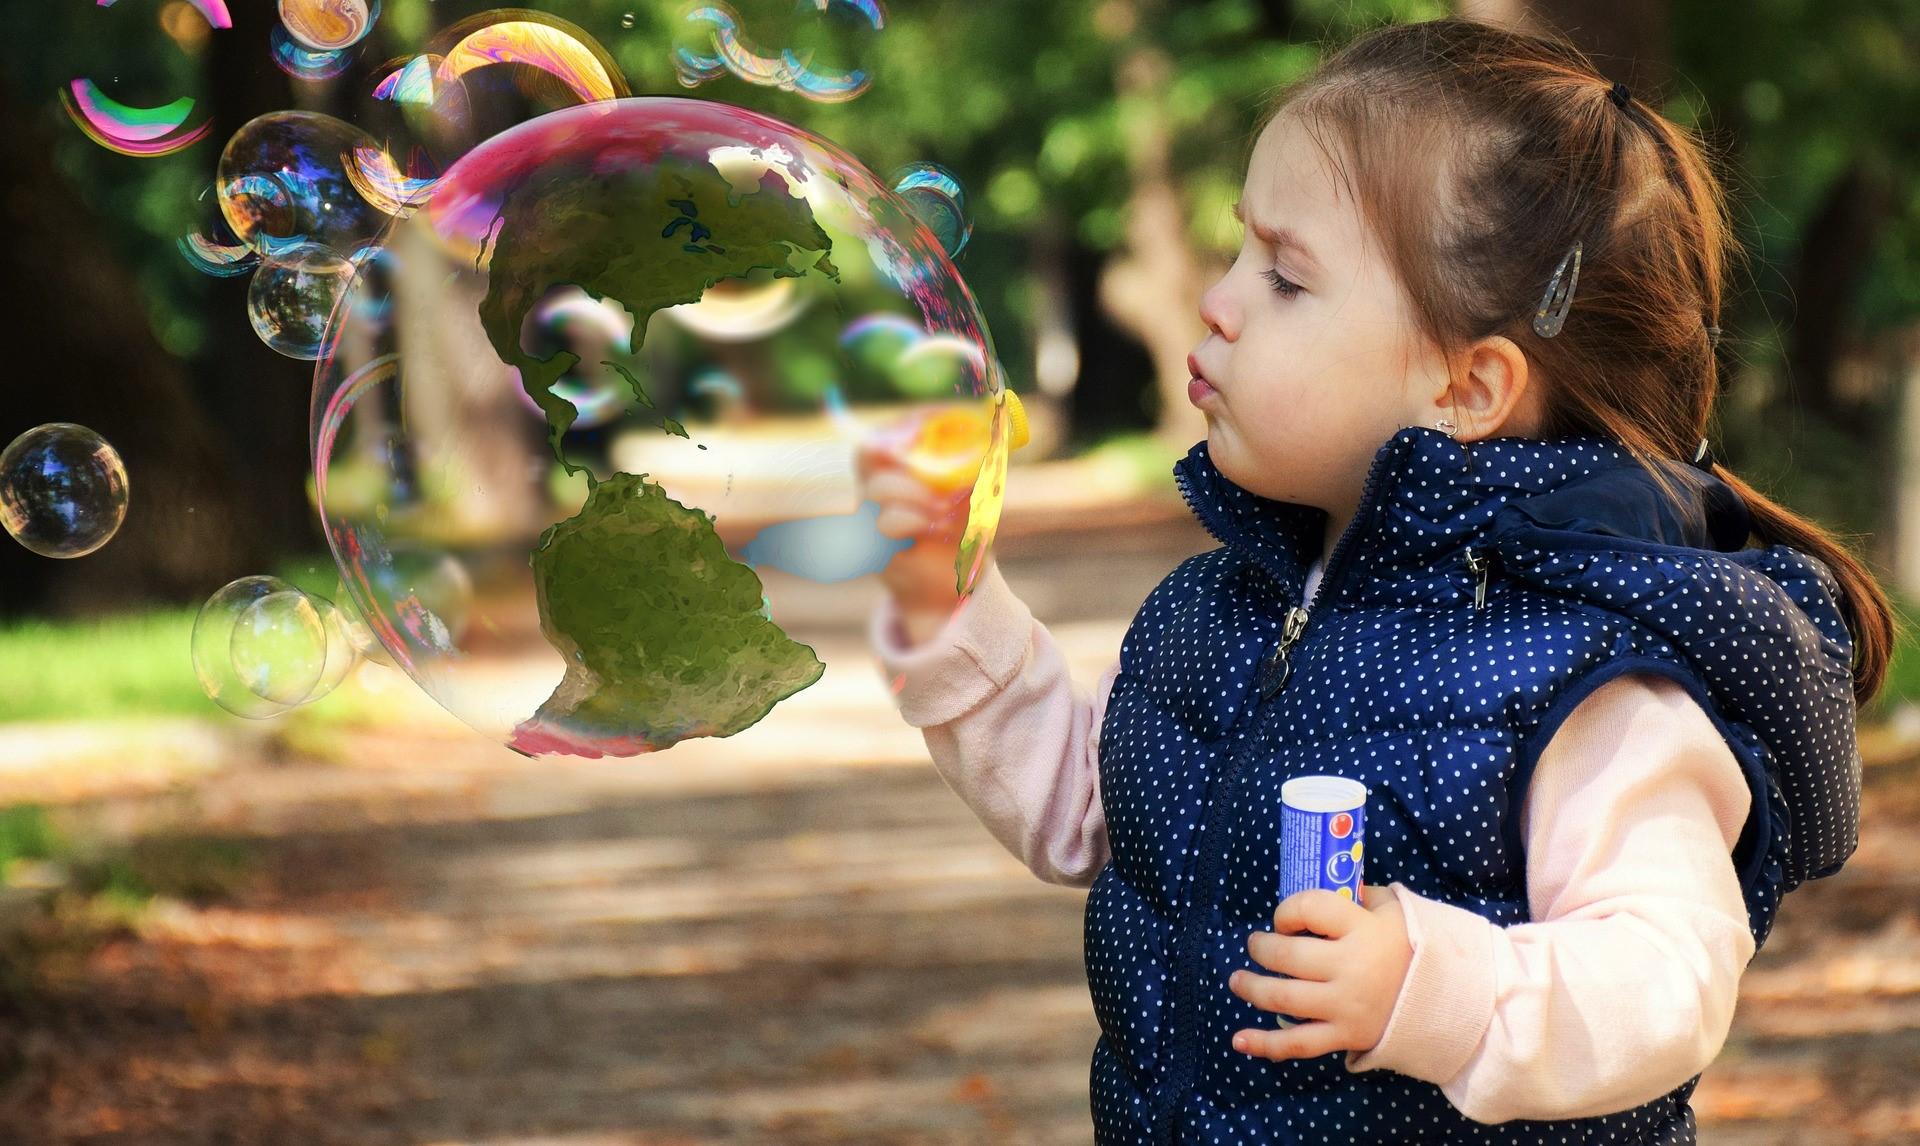 Mi lett az álmaiddal Kicsi Lány? - I. rész